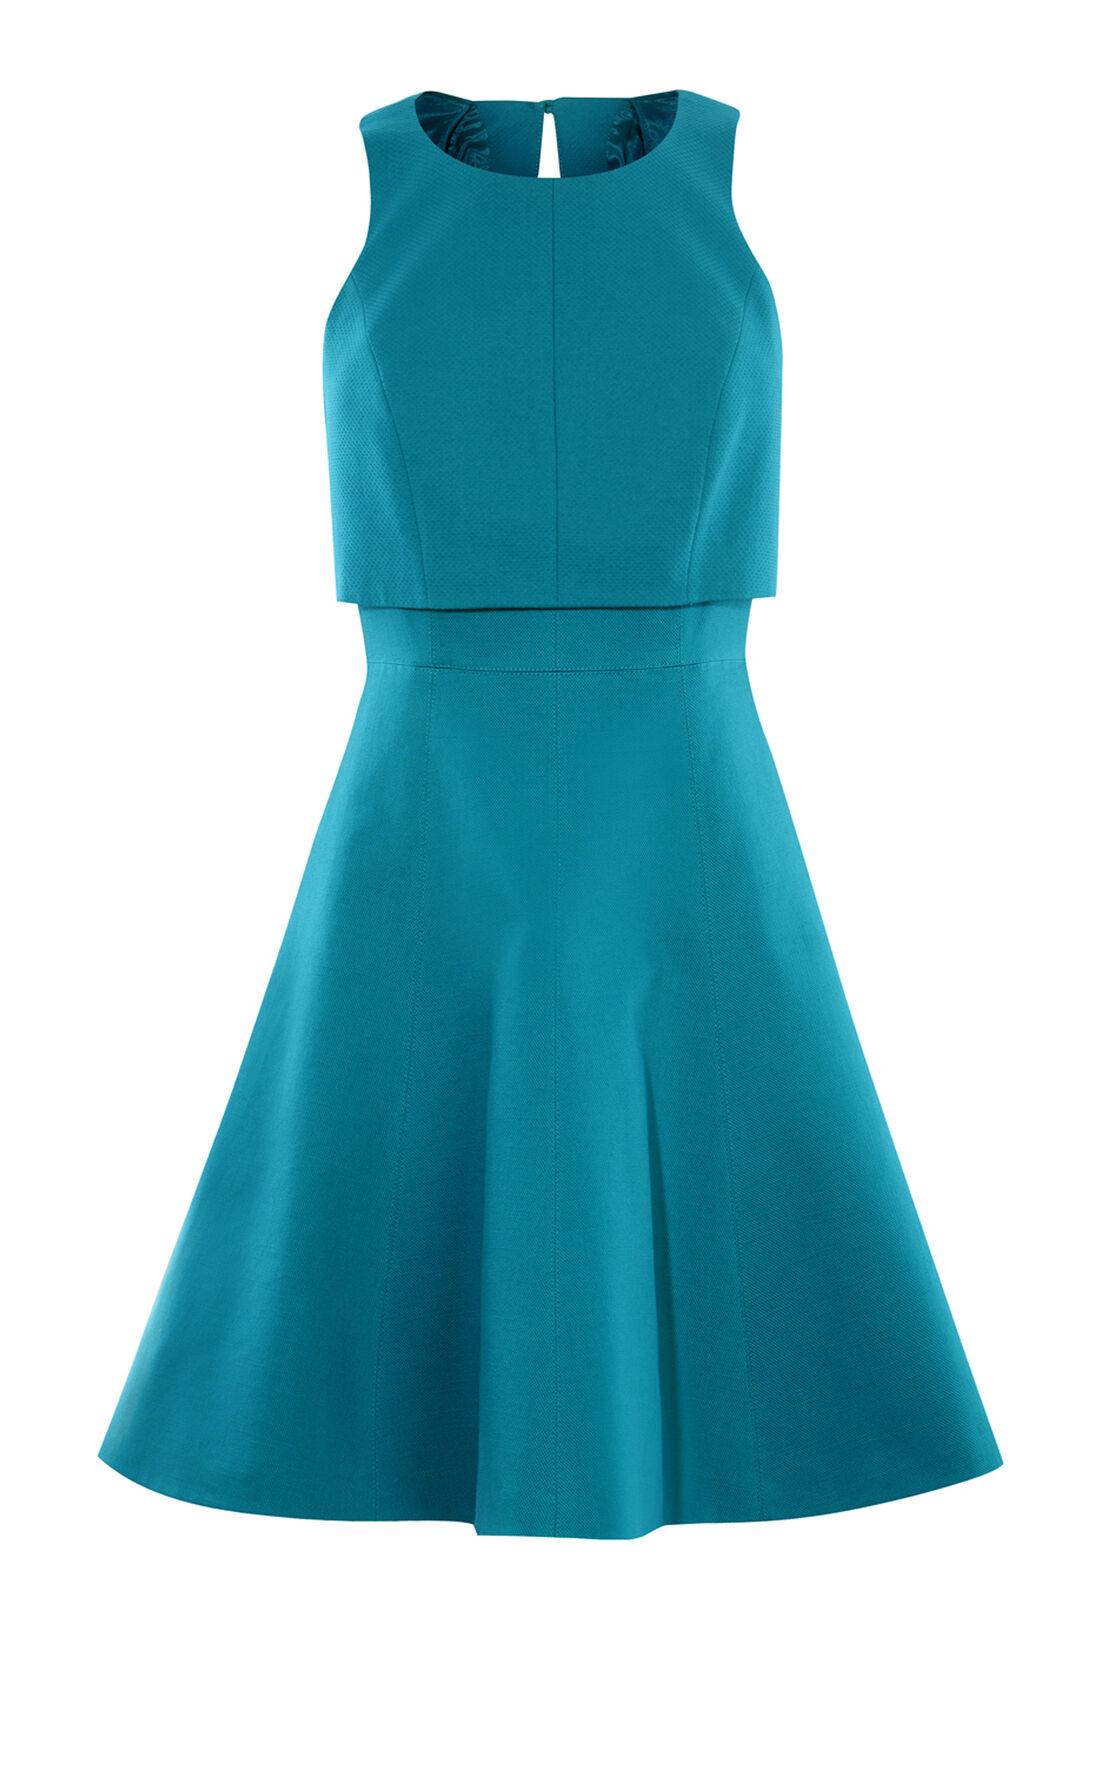 Karen Millen, CROP-DETAIL DRESS Turquoise 0